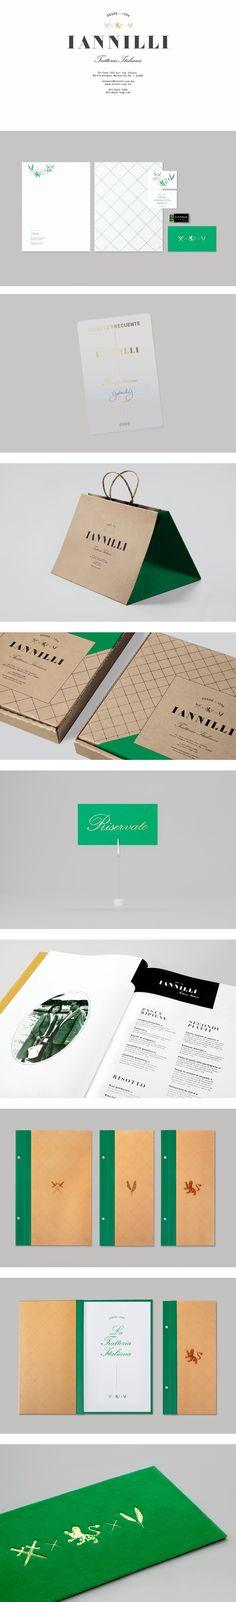 IANNILLI | Saavy Studio